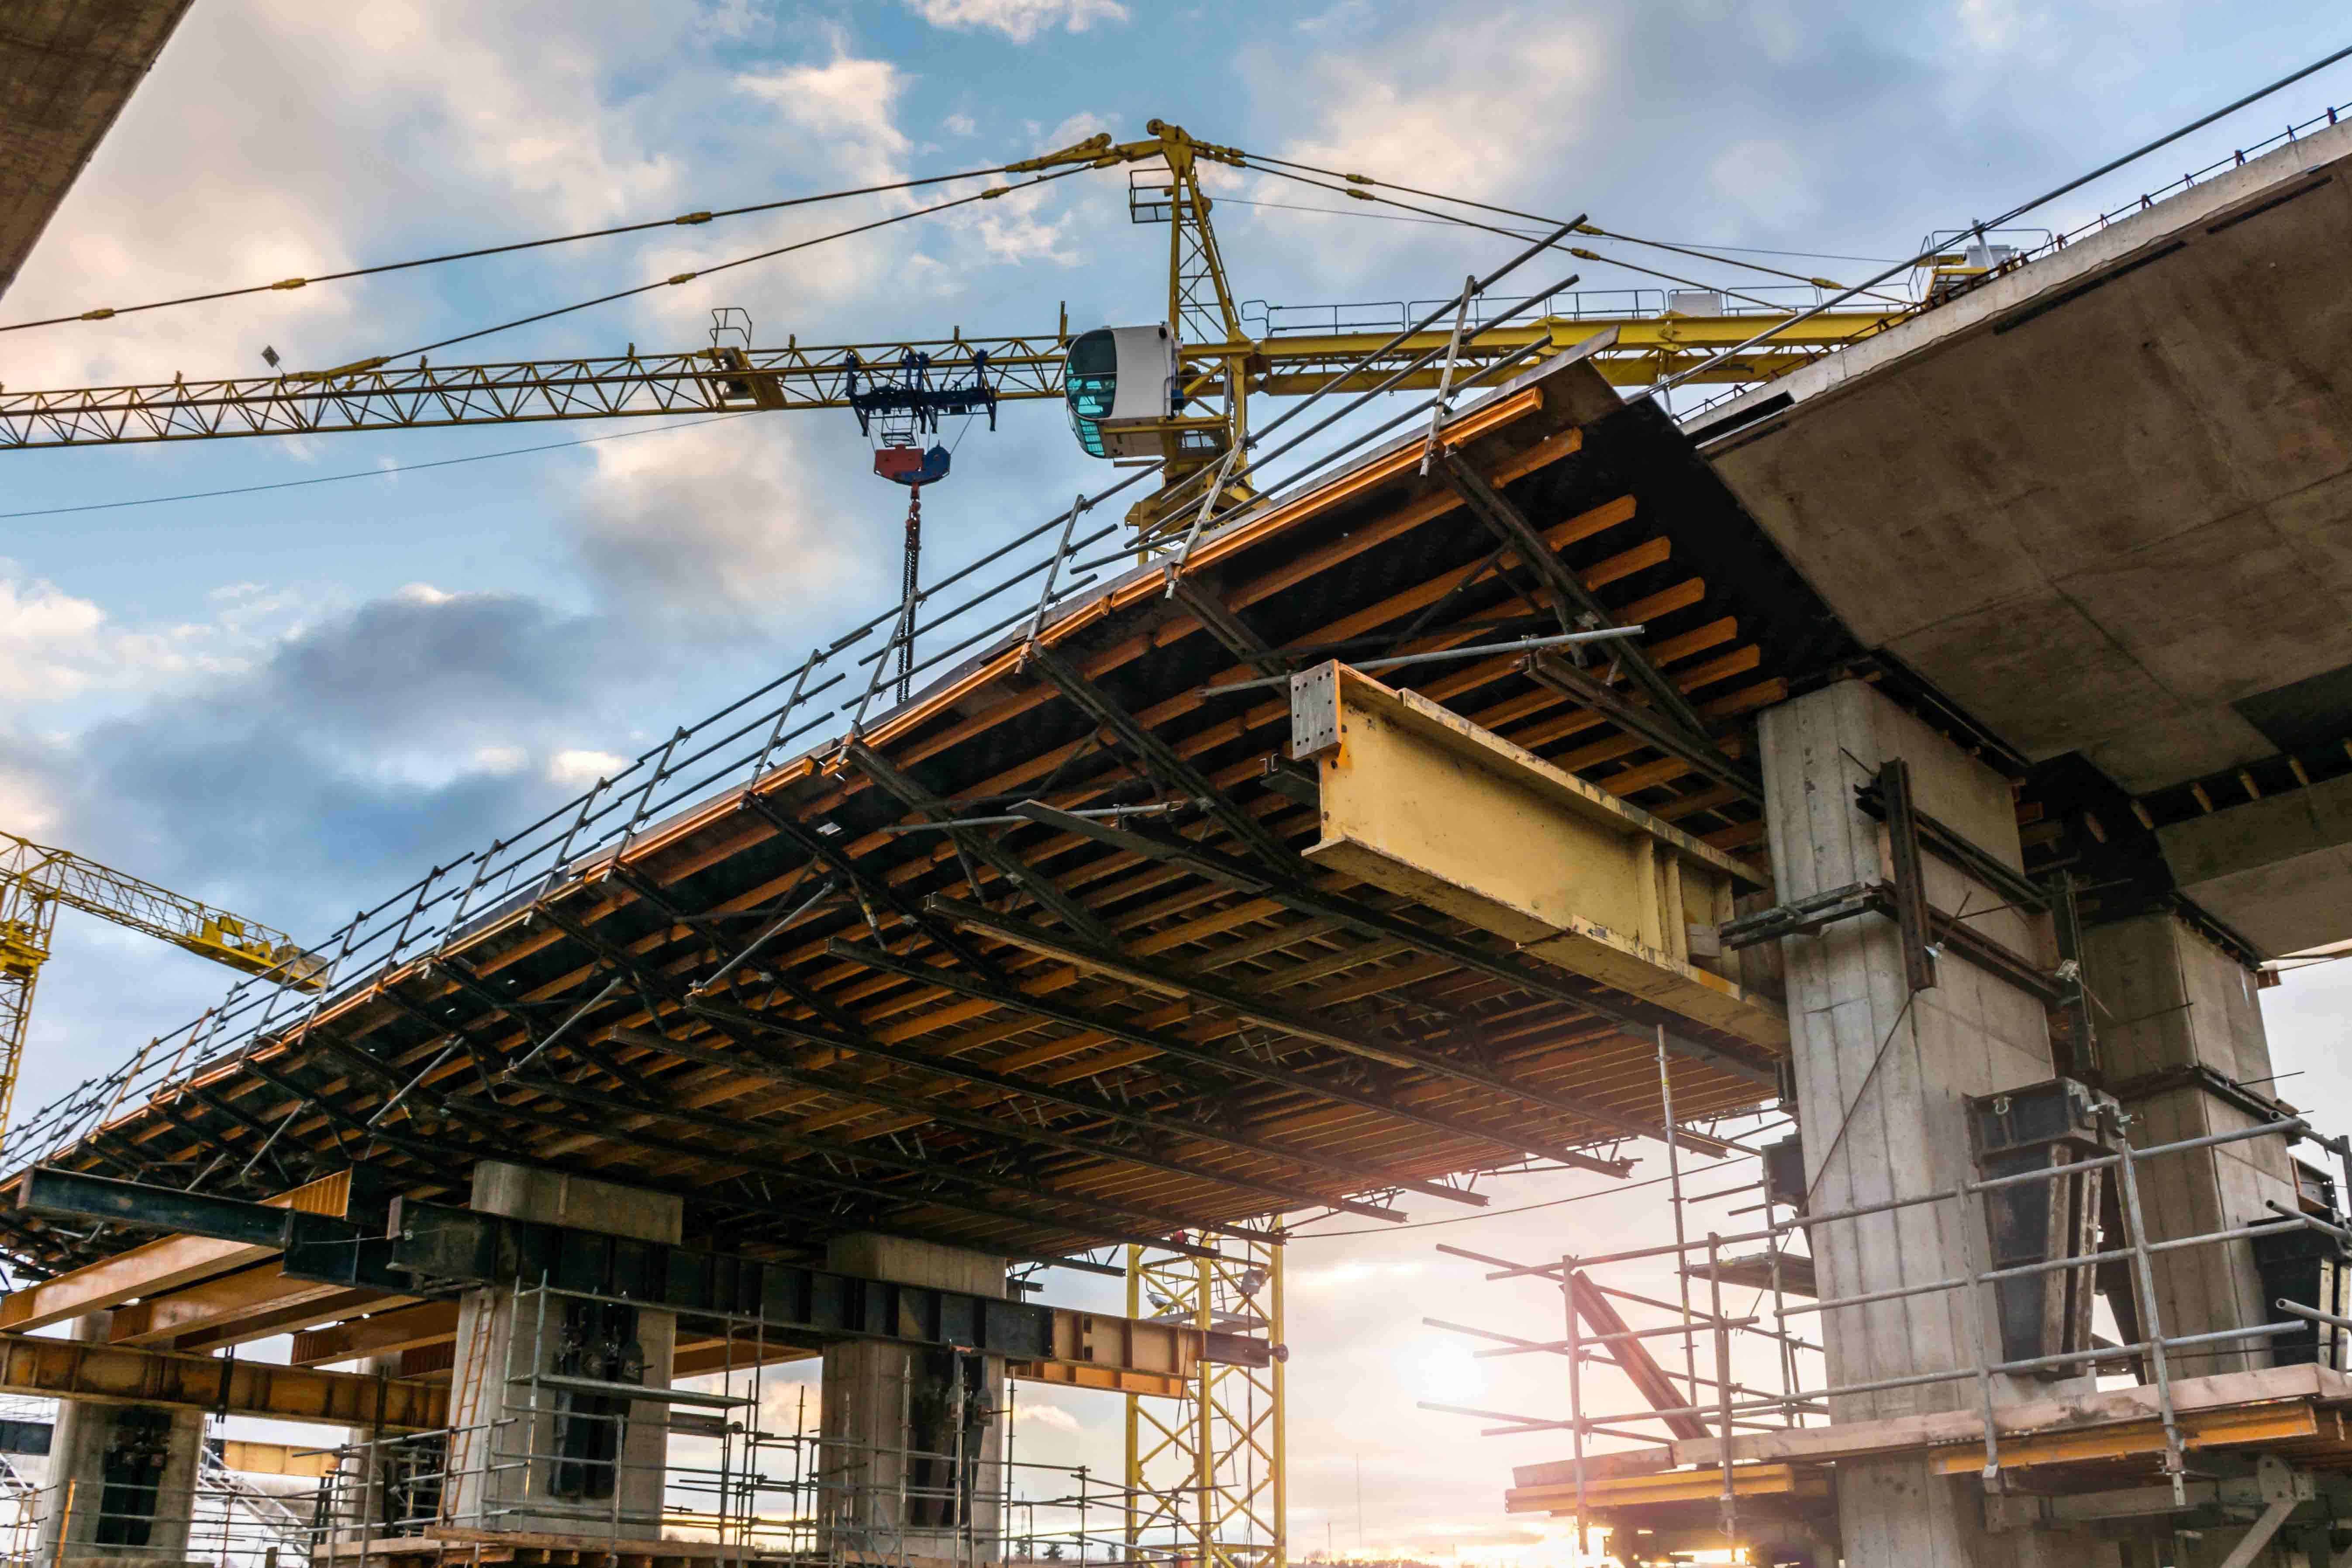 Ein Unternehmen der Bauindustrie verzettelte sich durch eine internationale Expansion und neue Geschäftsbereiche. CIC Consultingpartner erstellte das Sanierungskonzept und verantwortete dessen Umsetzung als CRO und CFO. Das Unternehmen wurde erfolgreich konsolidiert und strategisch neu ausgerichtet. Die Refinanzierung wurde durch die Überführung des Sicherheitenpools in eine Anschlusskonsortialfinanzierung gesichert.